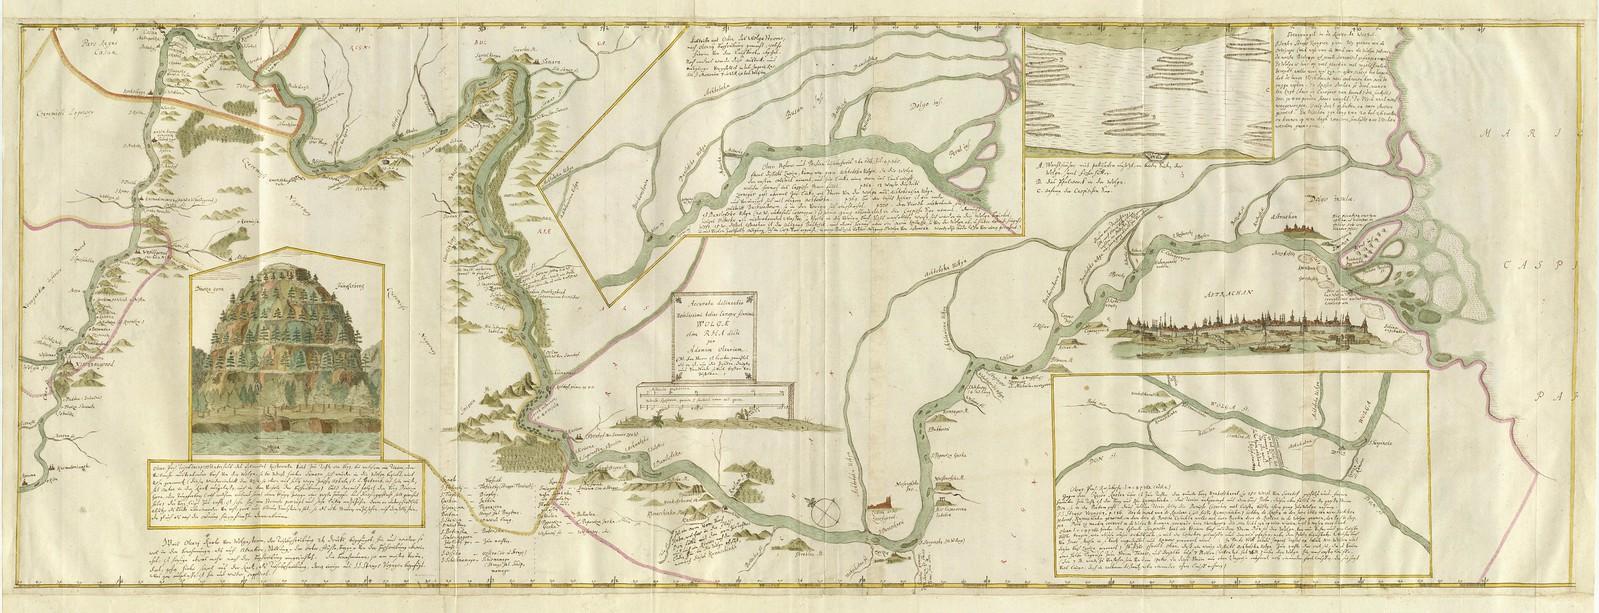 1640. Точное описание благородной реки Европы Волги. Адам Олеарий